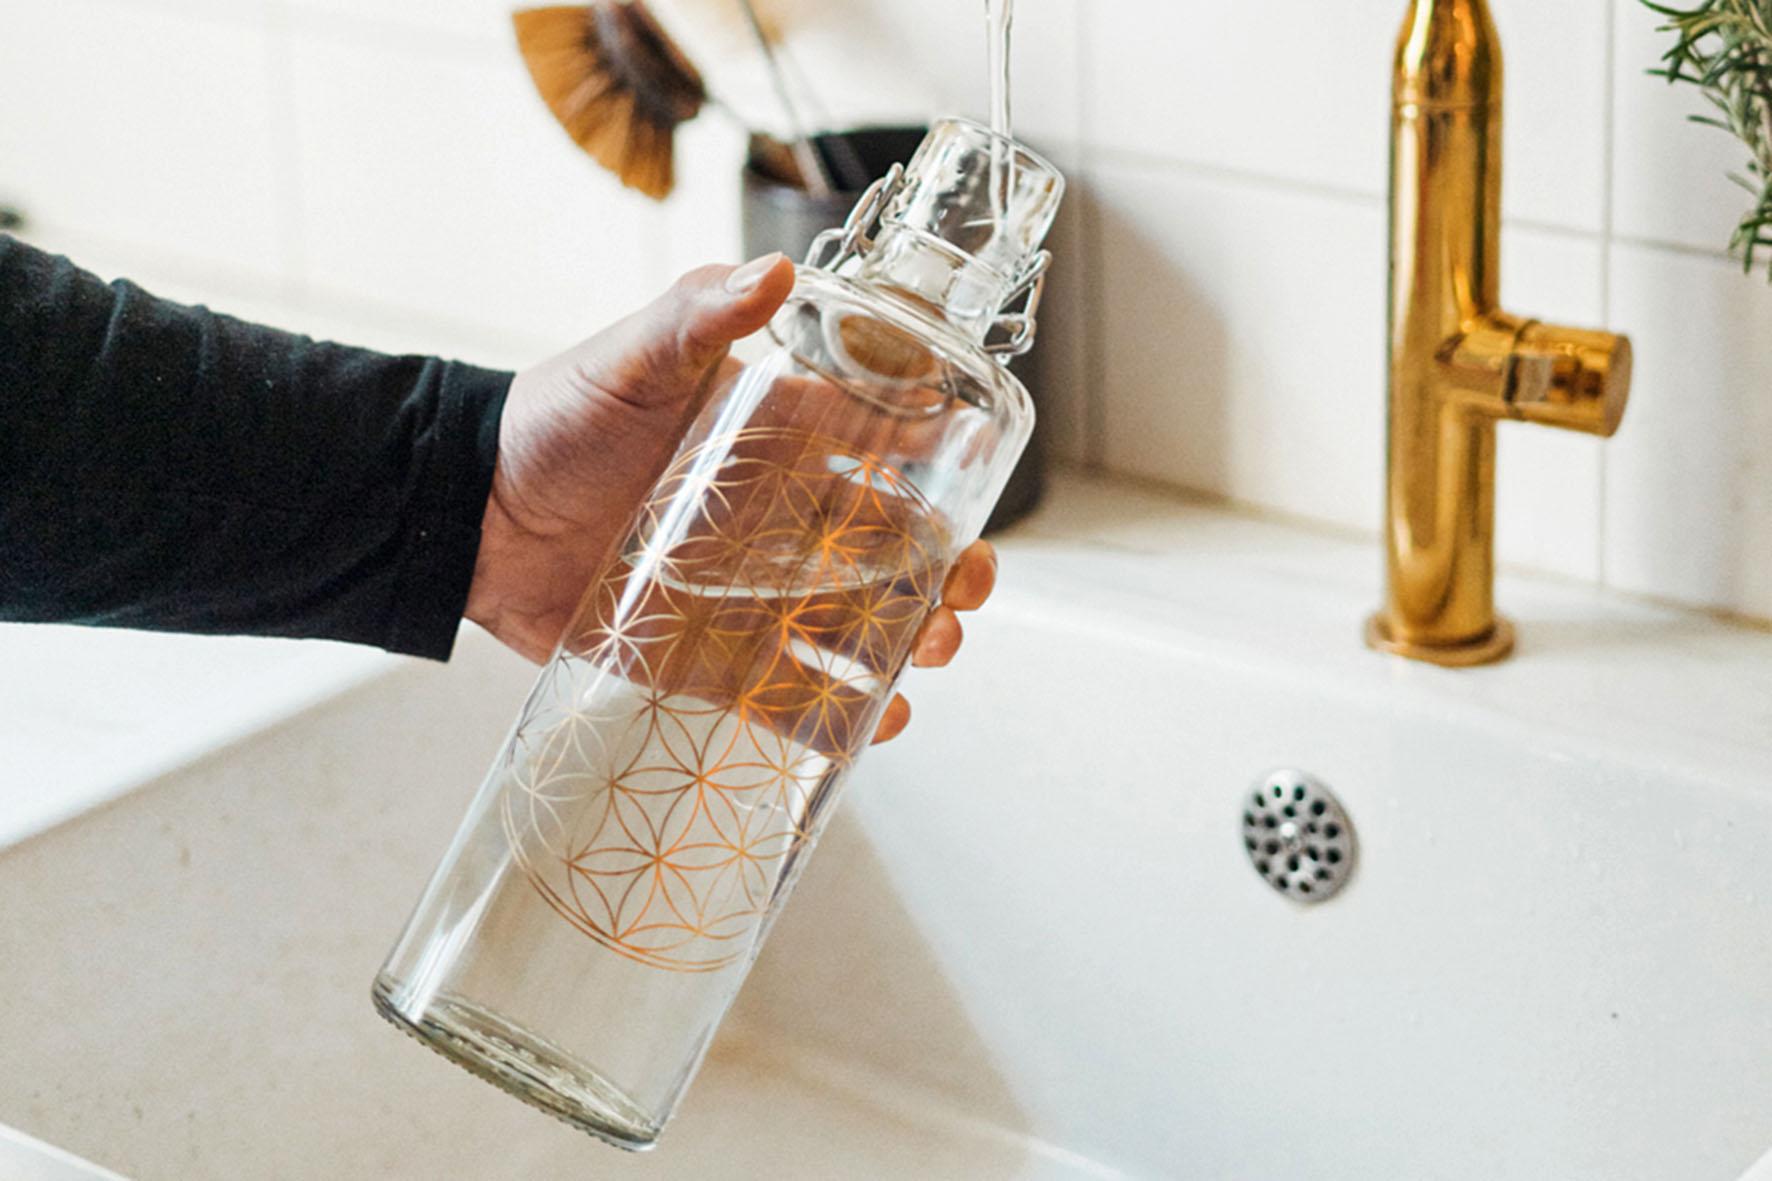 Glasflaschen verhelfen zu mehr Nachhaltigkeit